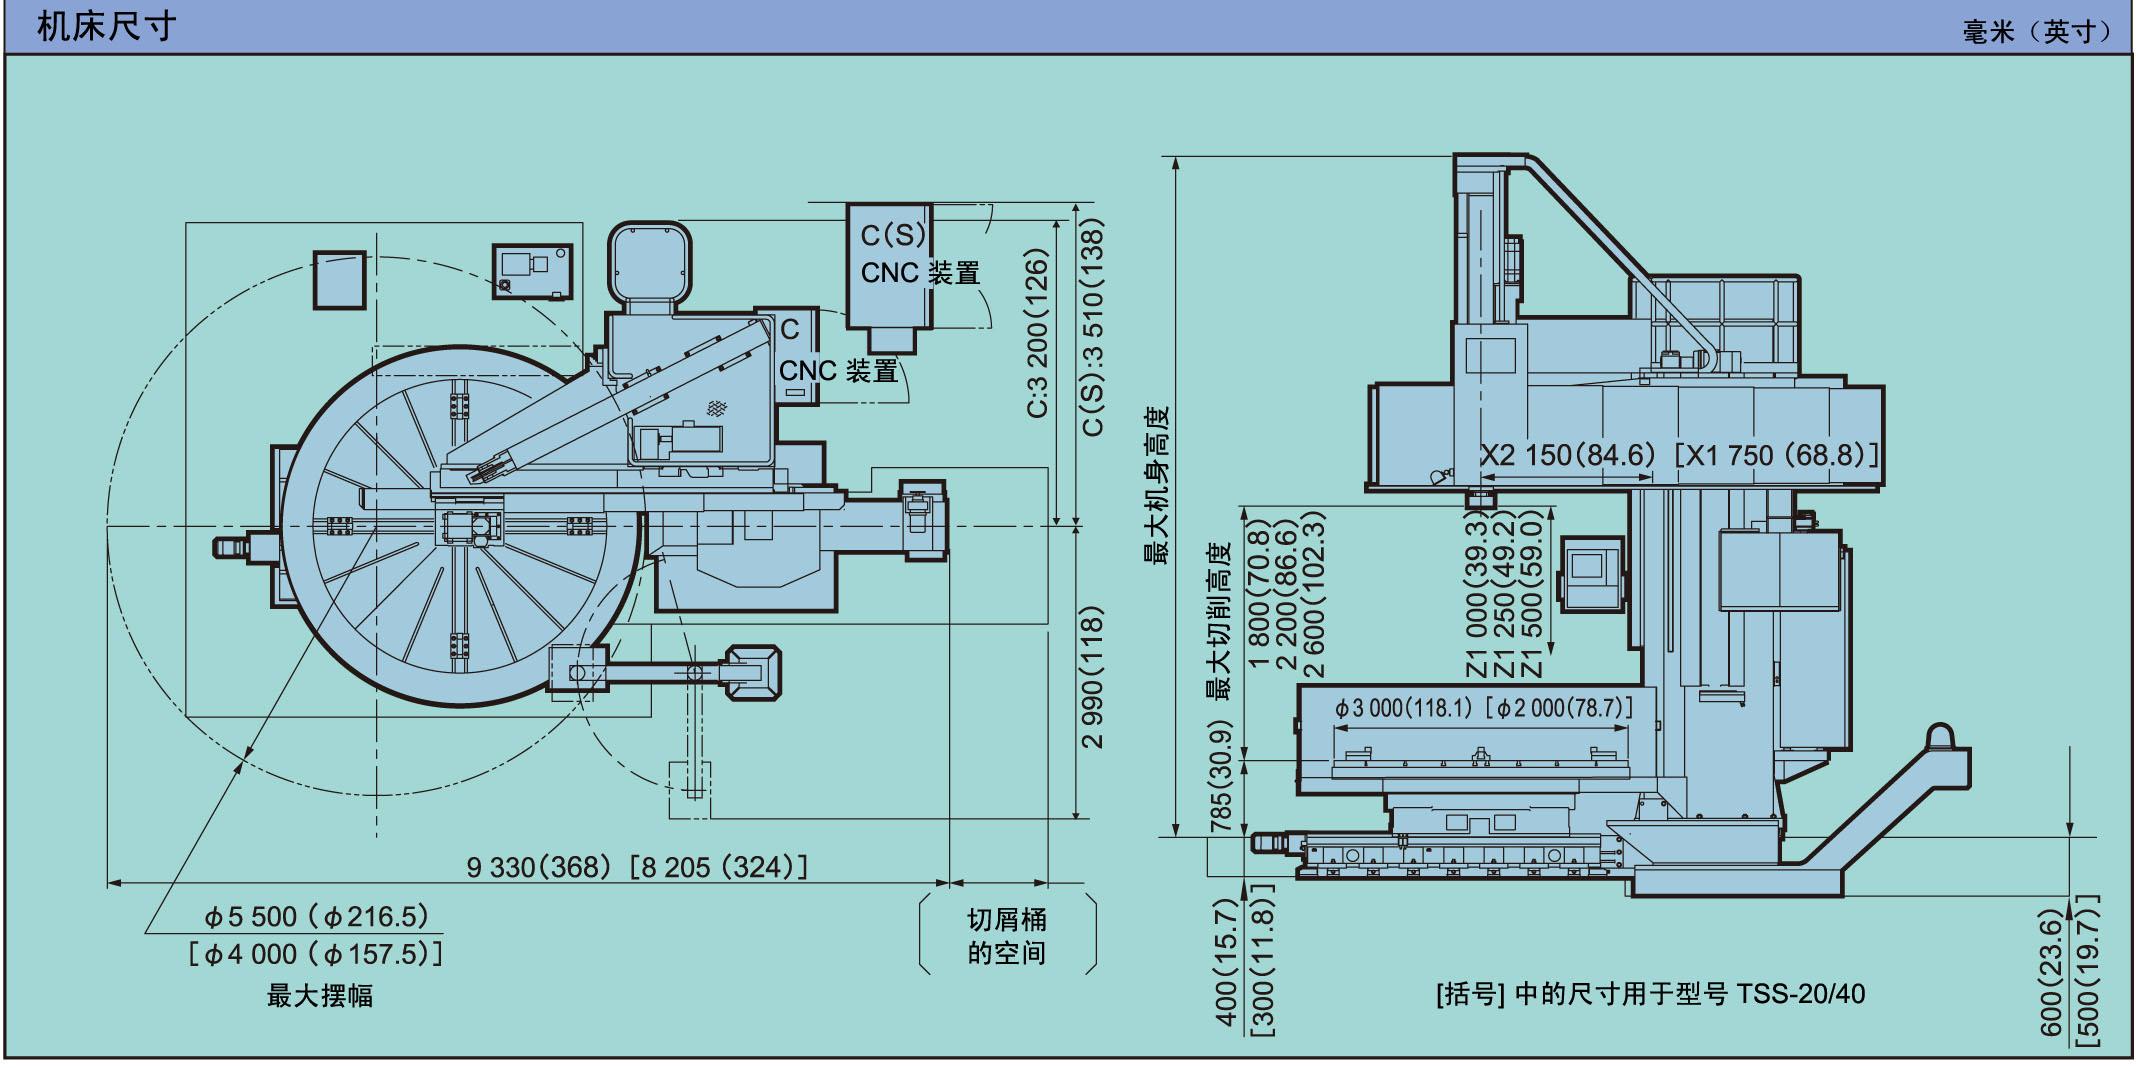 机床图纸和布局 (jpg/704kb)